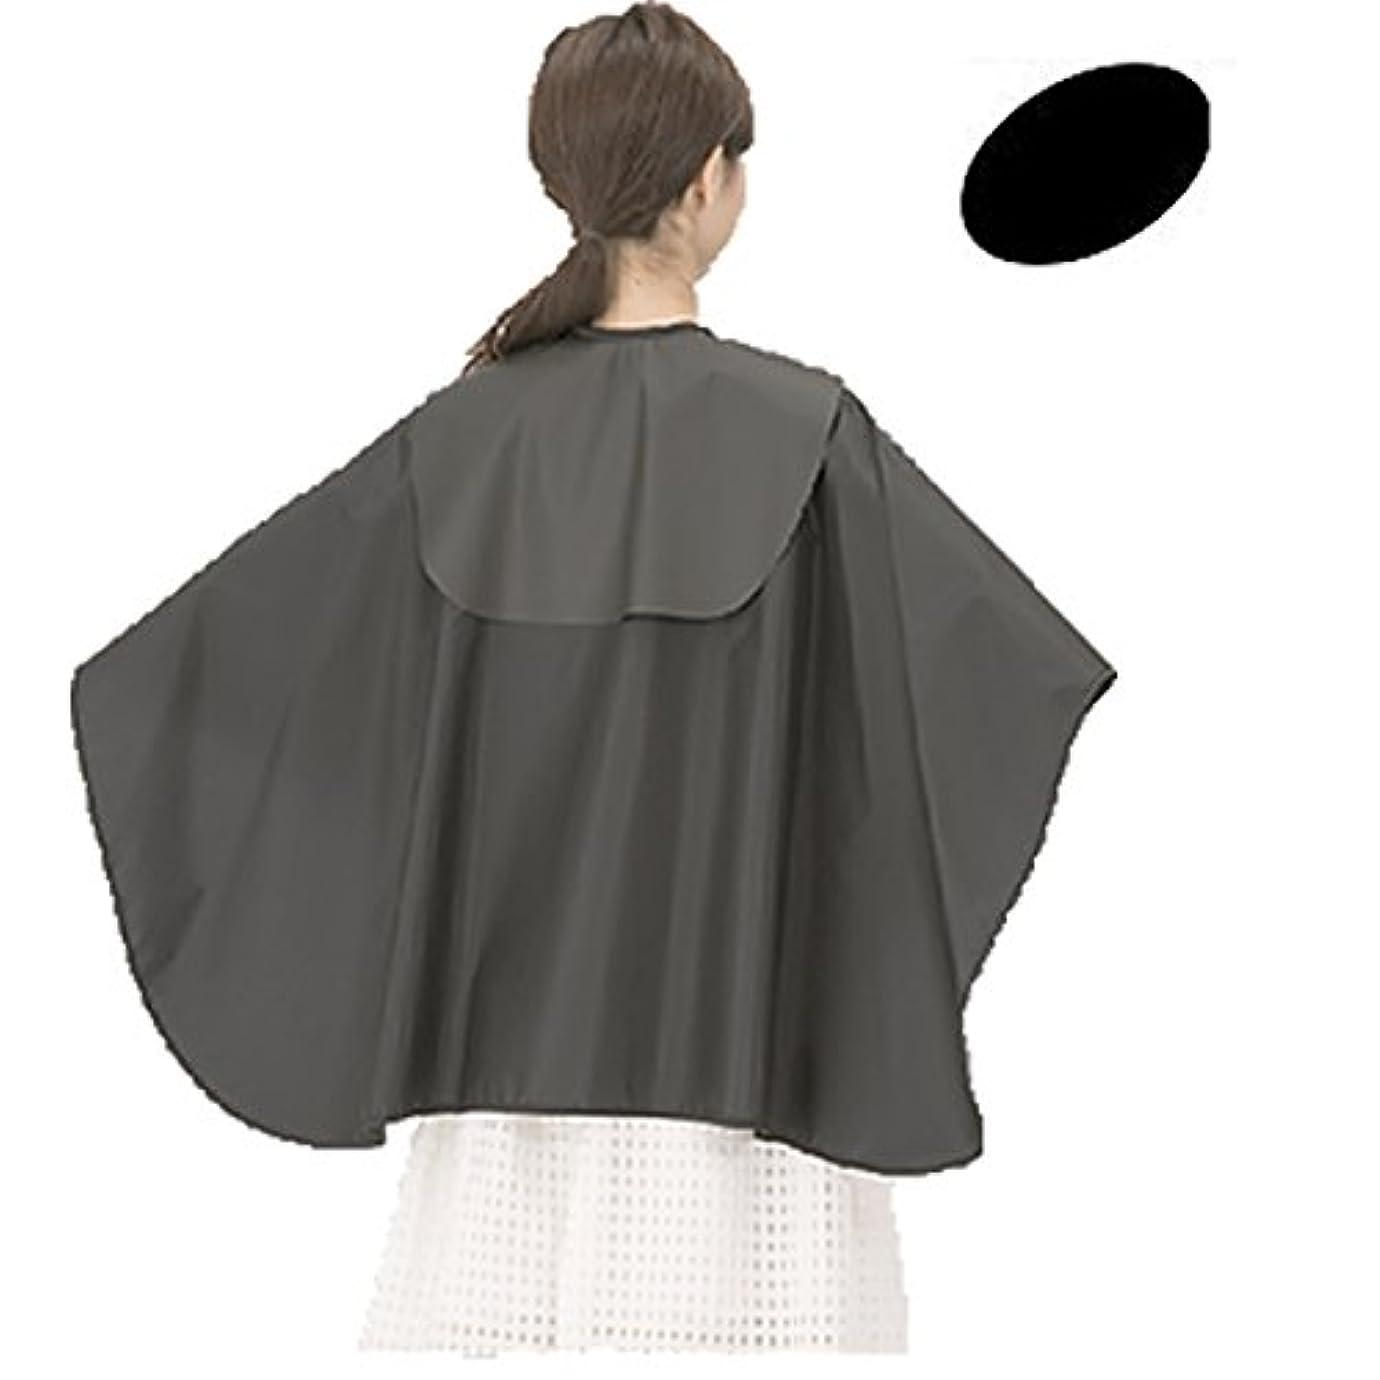 黒黒たるみカトレア No.9101 スカットクロス ヘアダイL (パーマ?カラーリング?シャンプー対応)ナイロン100% バックシャンプーケープ (黒)